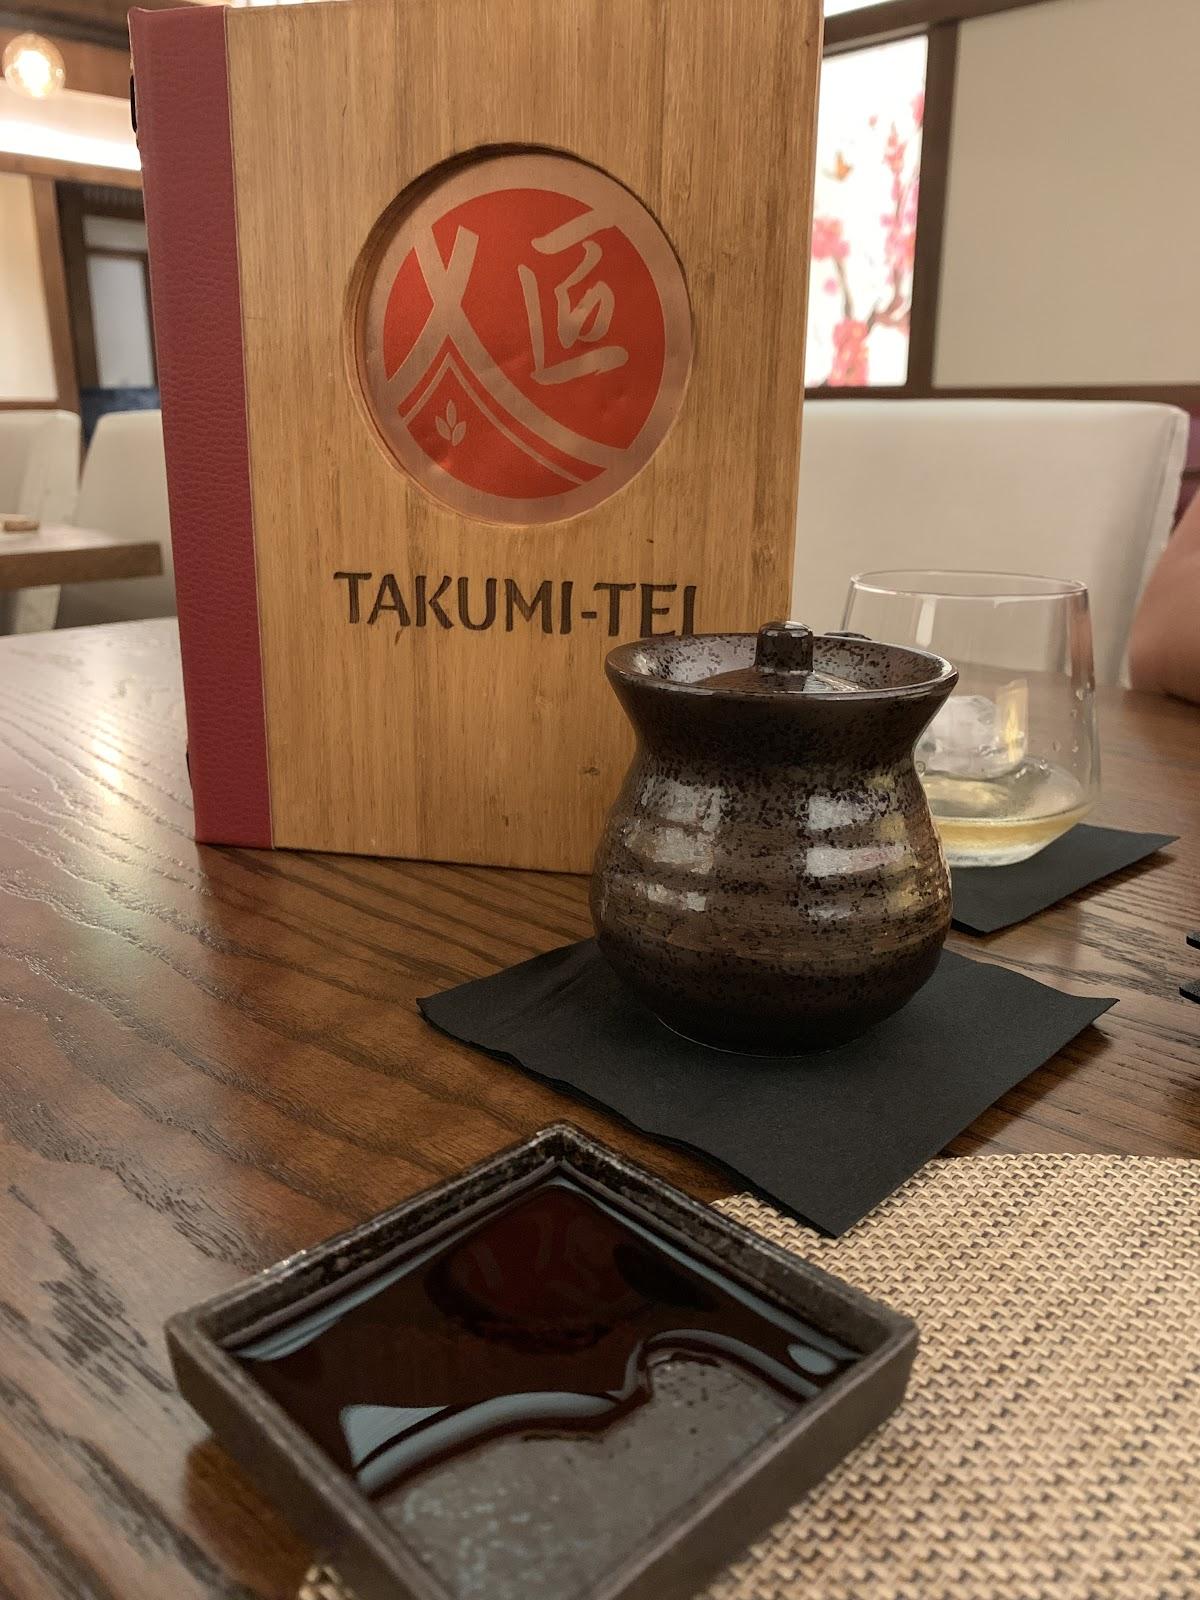 Takumi -Tei